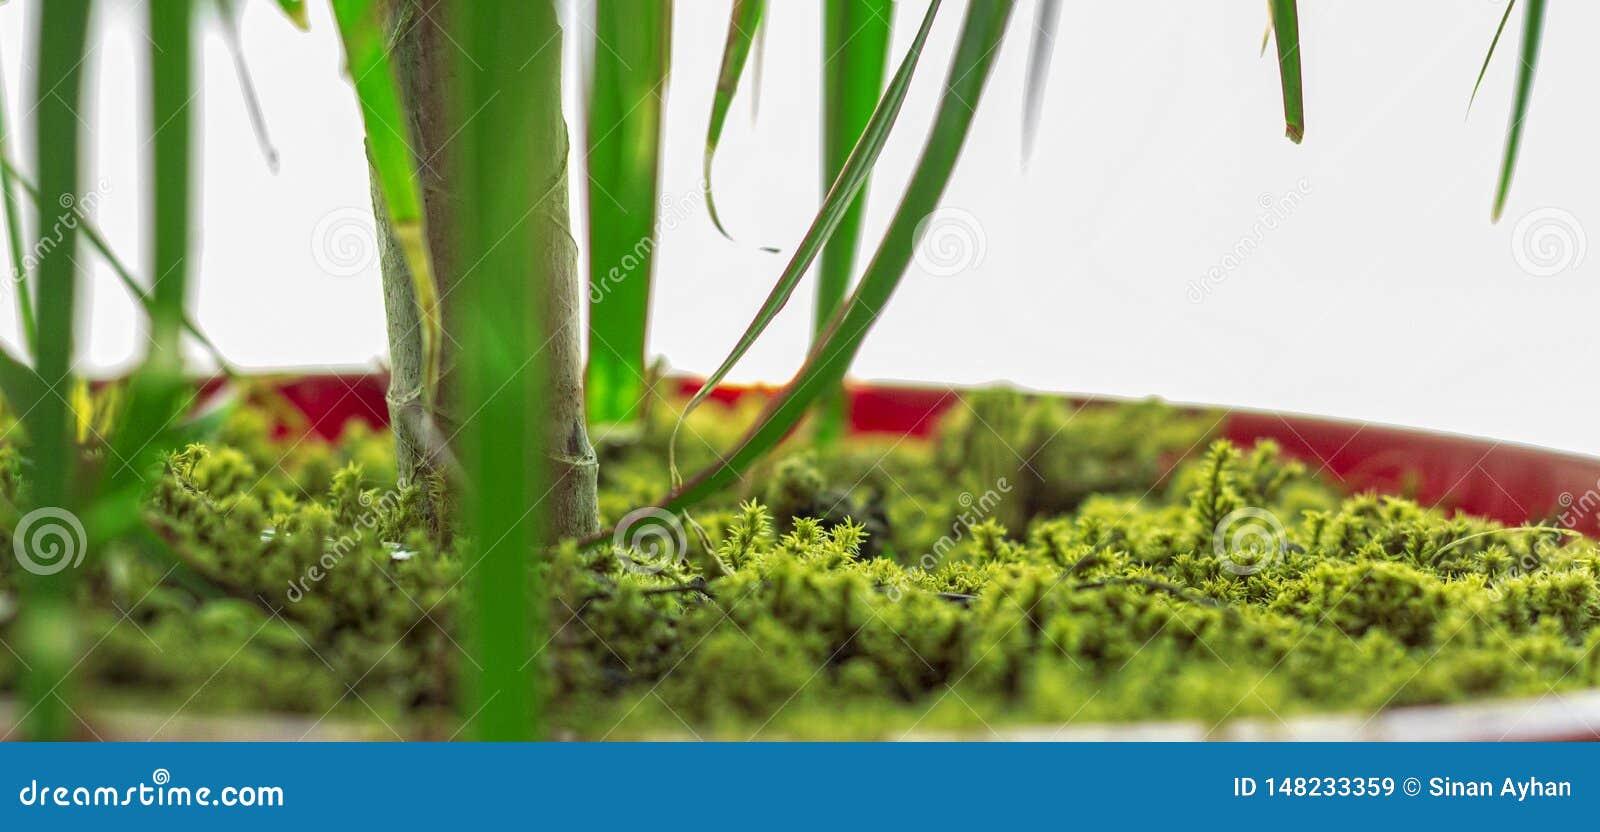 绿色青苔被盖的花盆